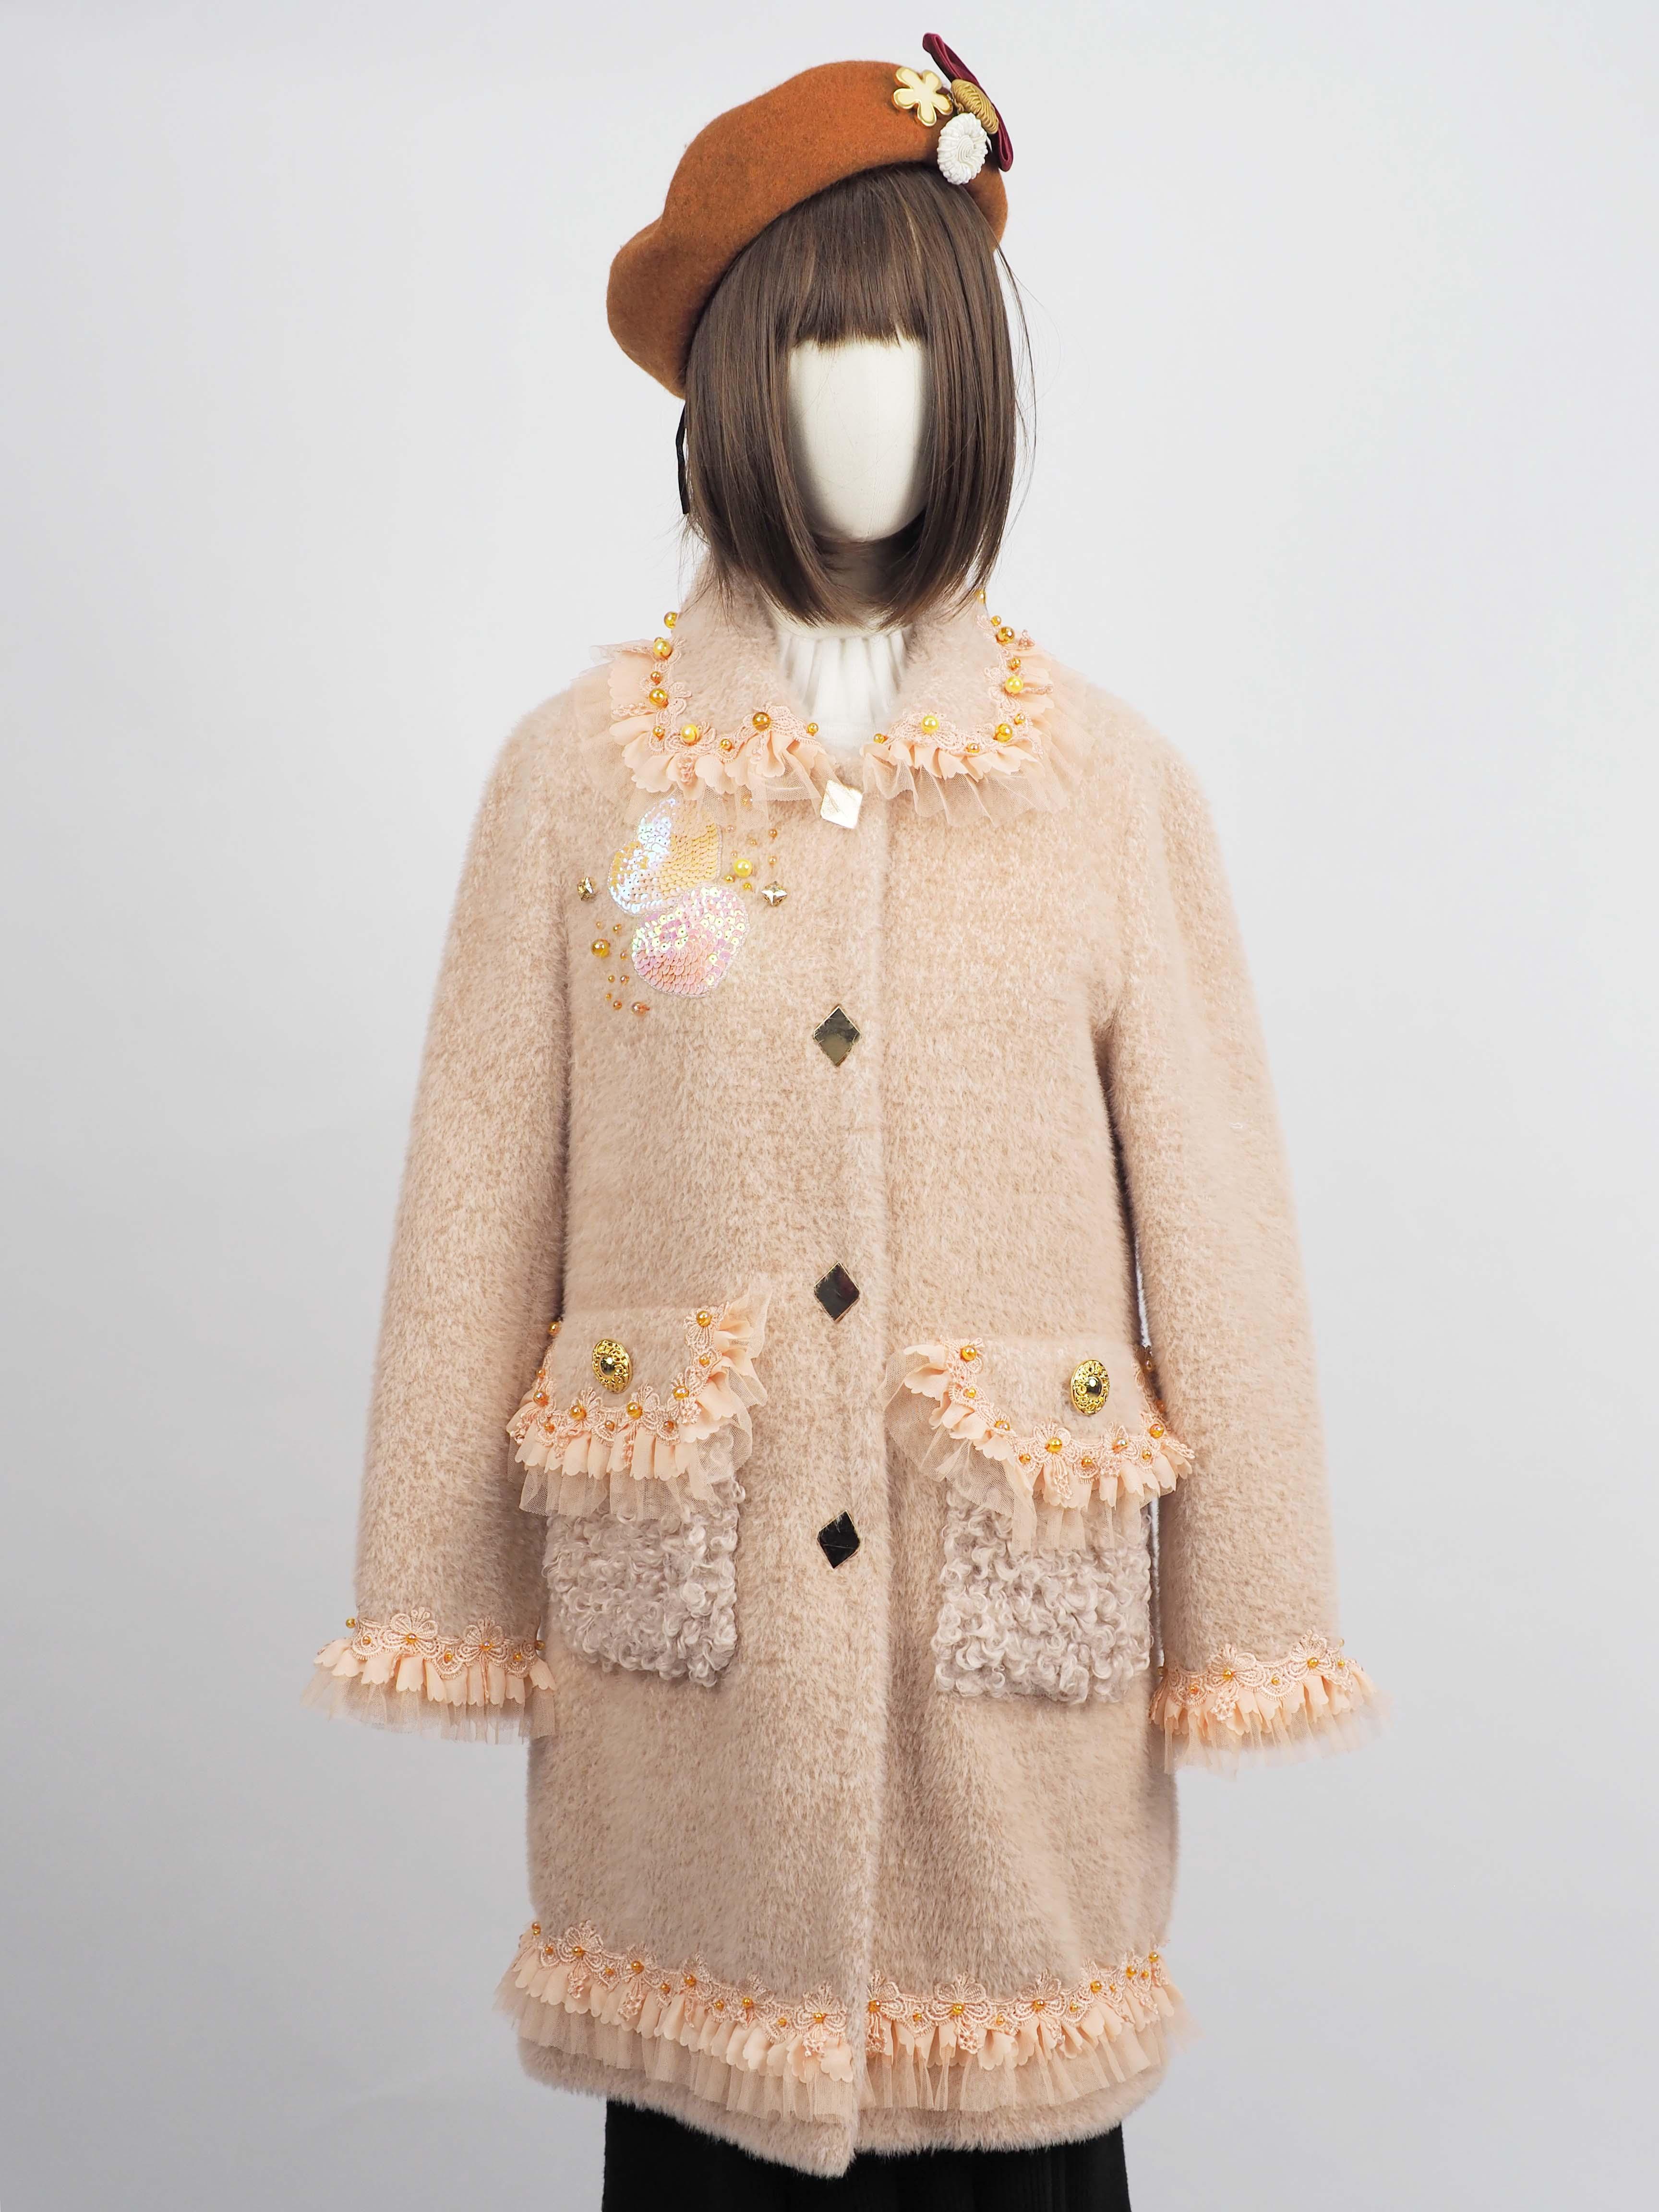 เช่าเสื้อโค้ทผู้หญิง *** Limited Edition ***  รุ่น  Ranunculus Pea Coat  902GCL280FAPKS1